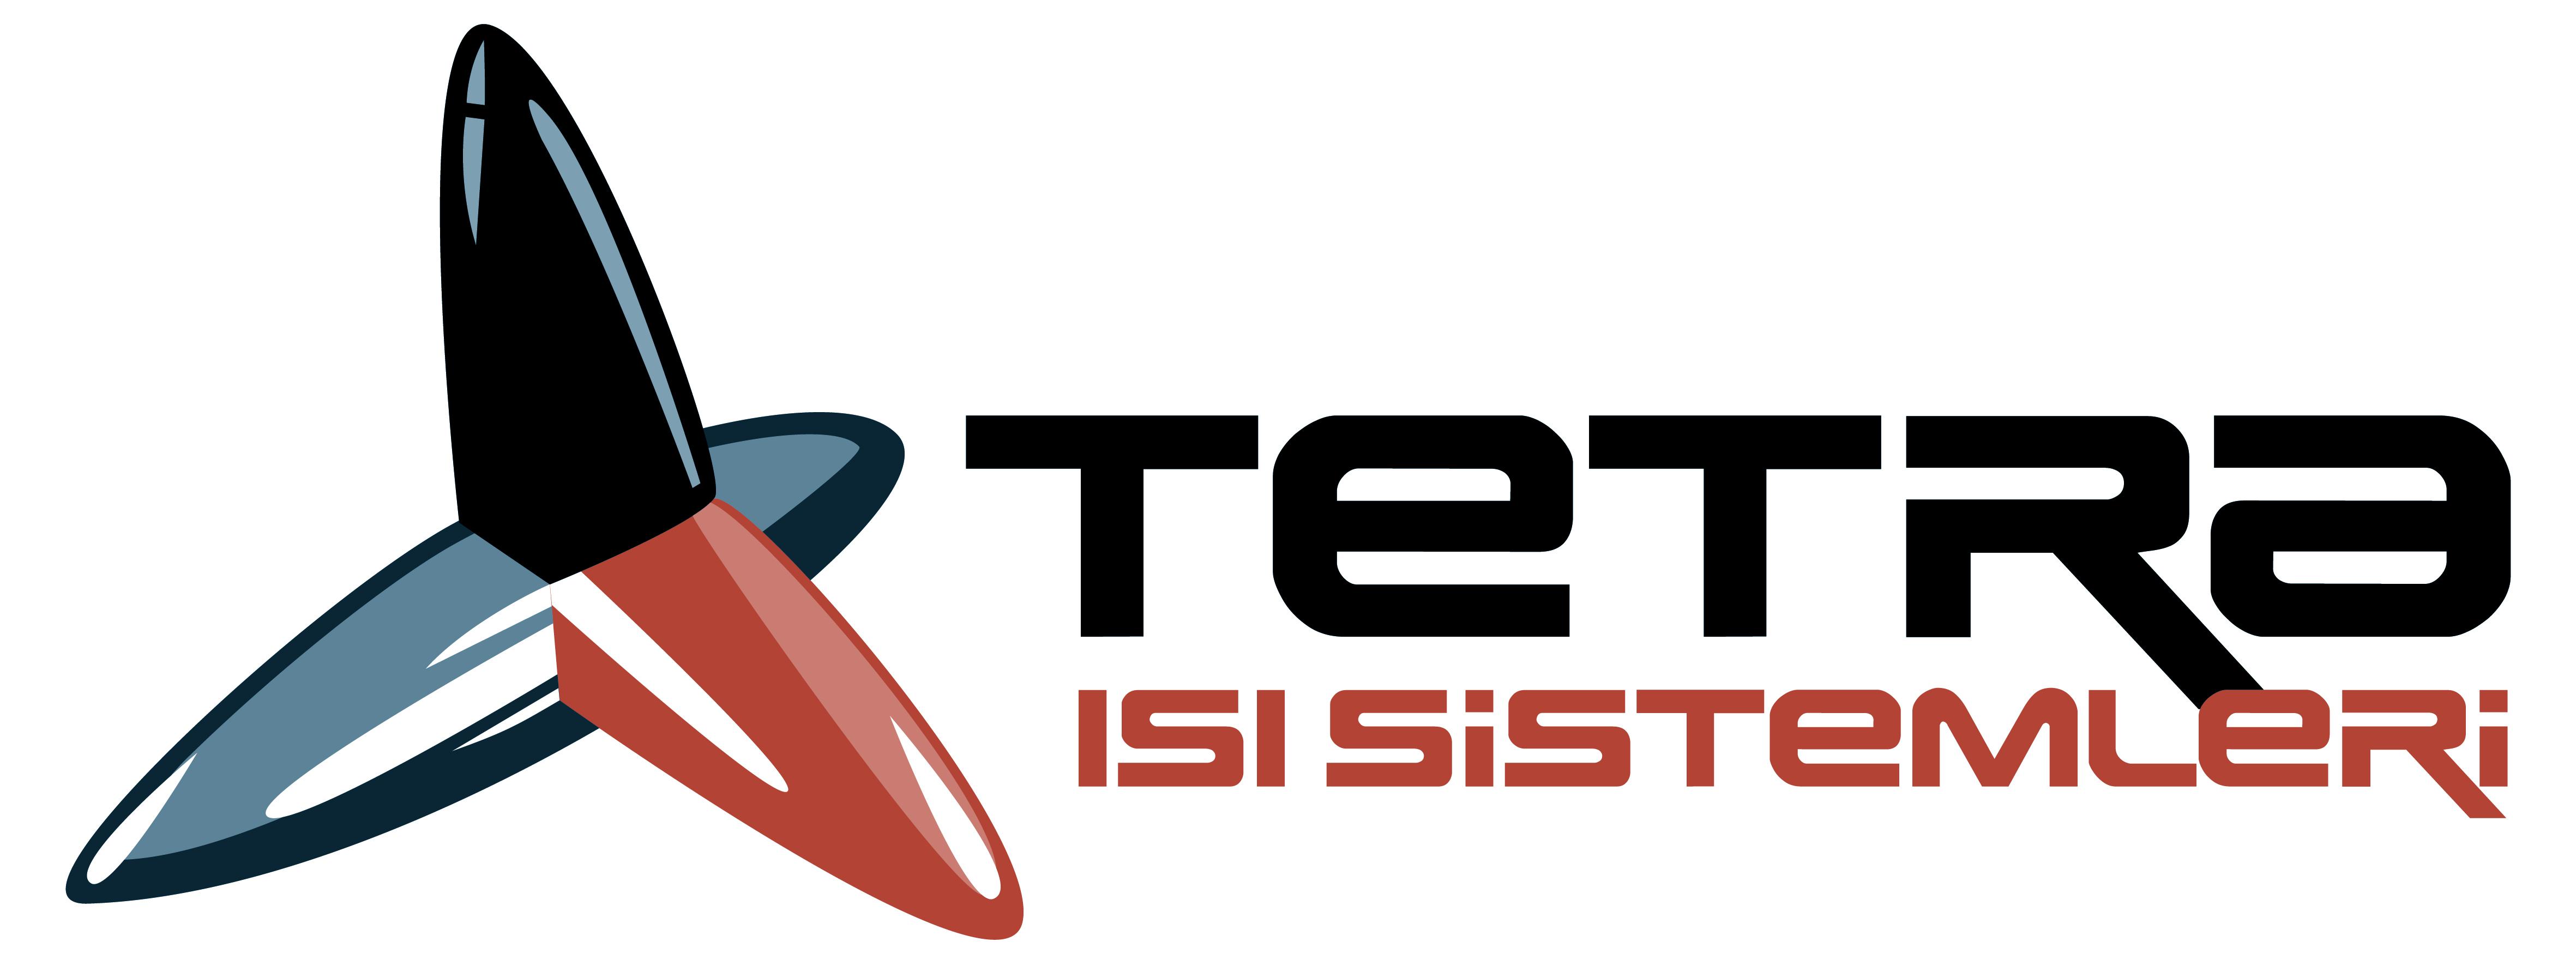 Tetra Isı Sistemleri Sanayi ve Ticaret Limited Şirketi, TETRA ISI SİSTEMLERİ